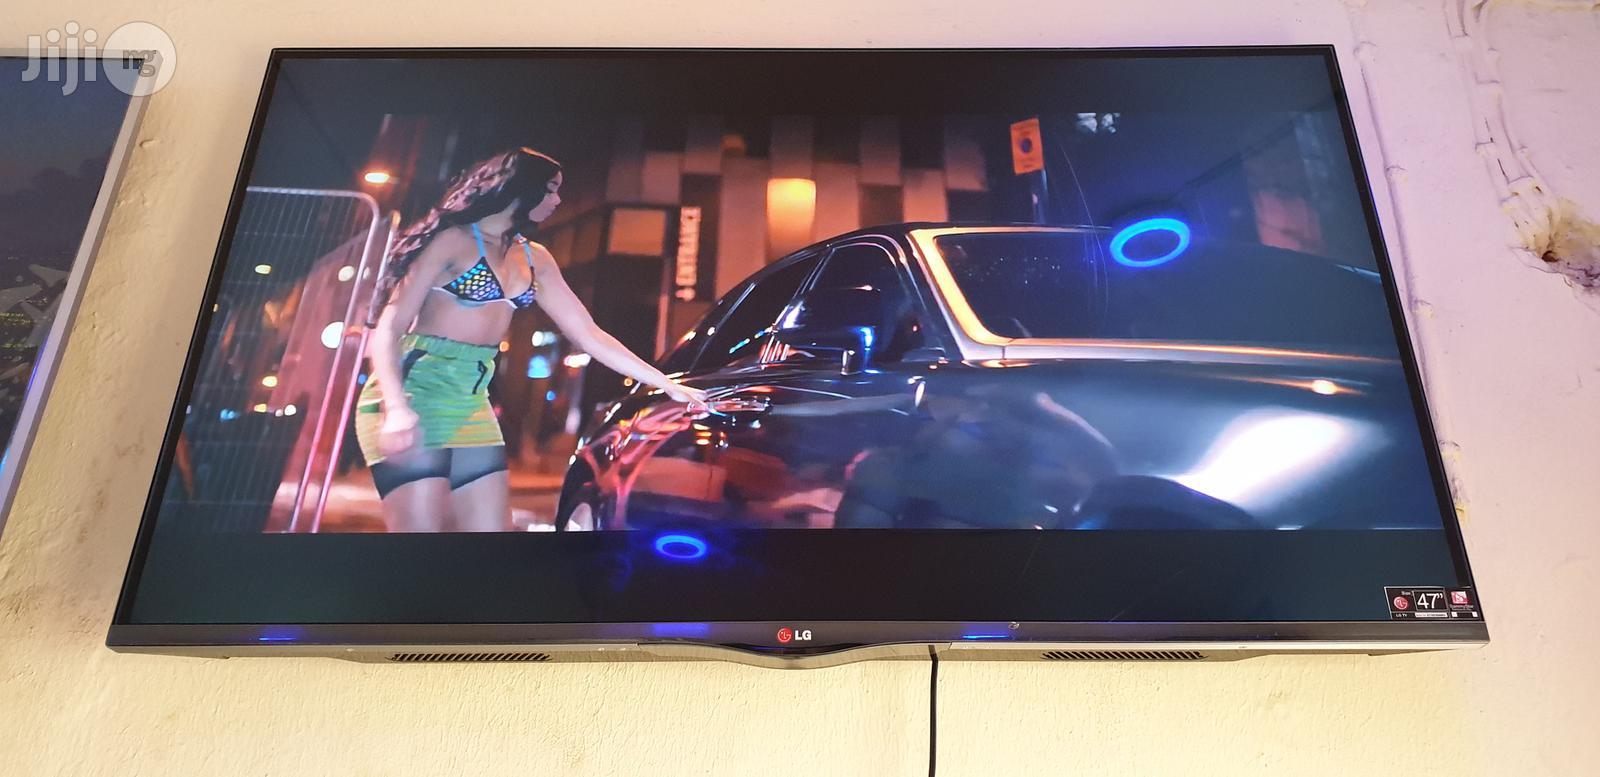 """LG Smart Full HD Led 3D Tv 47 """"   TV & DVD Equipment for sale in Ojo, Lagos State, Nigeria"""